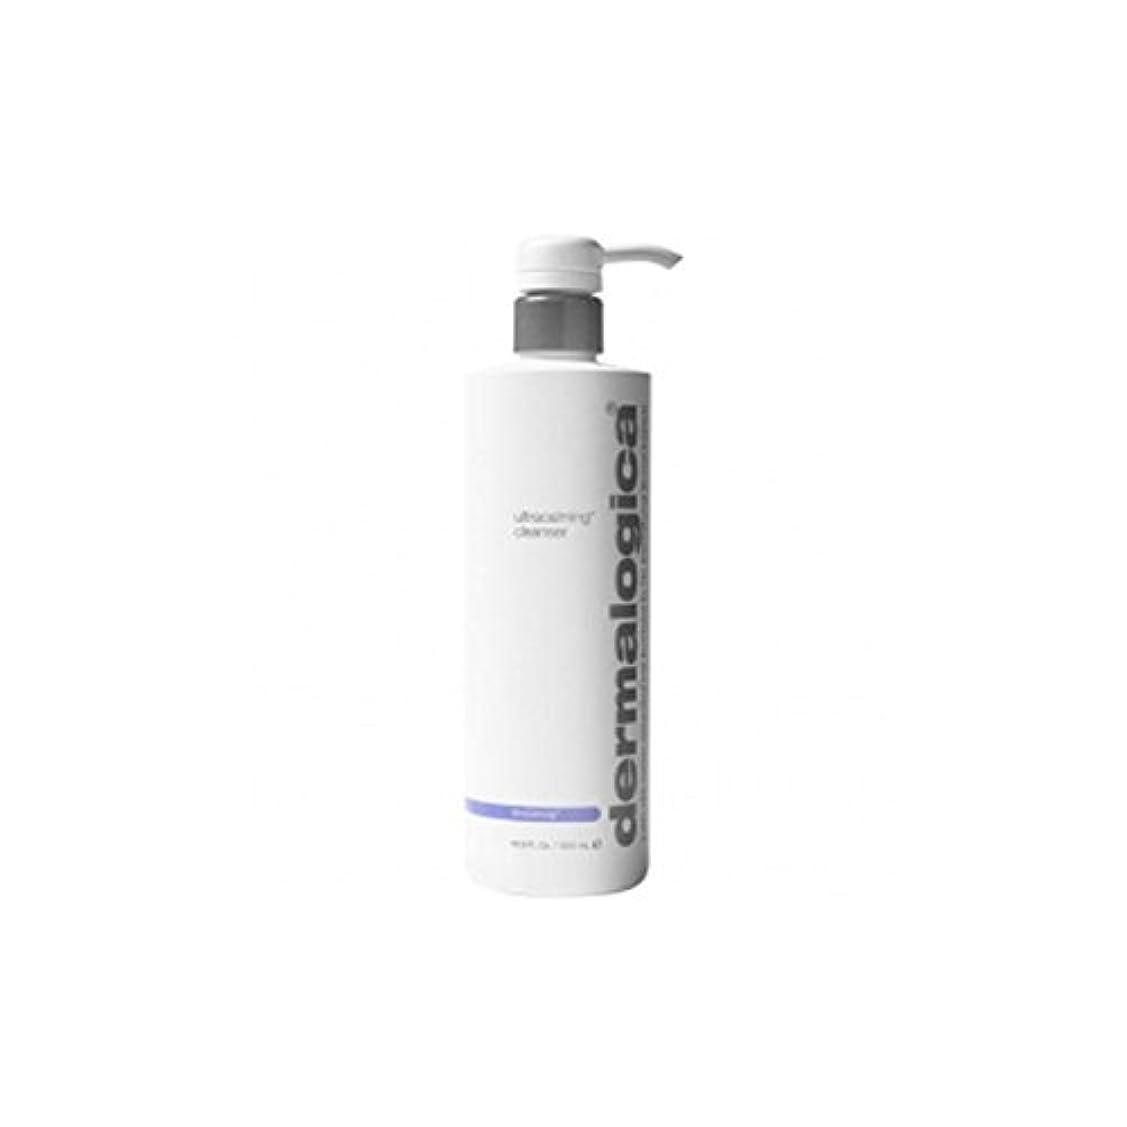 親愛な再撮りこだわりダーマロジカクレンザー(500ミリリットル) x4 - Dermalogica Ultracalming Cleanser (500ml) (Pack of 4) [並行輸入品]